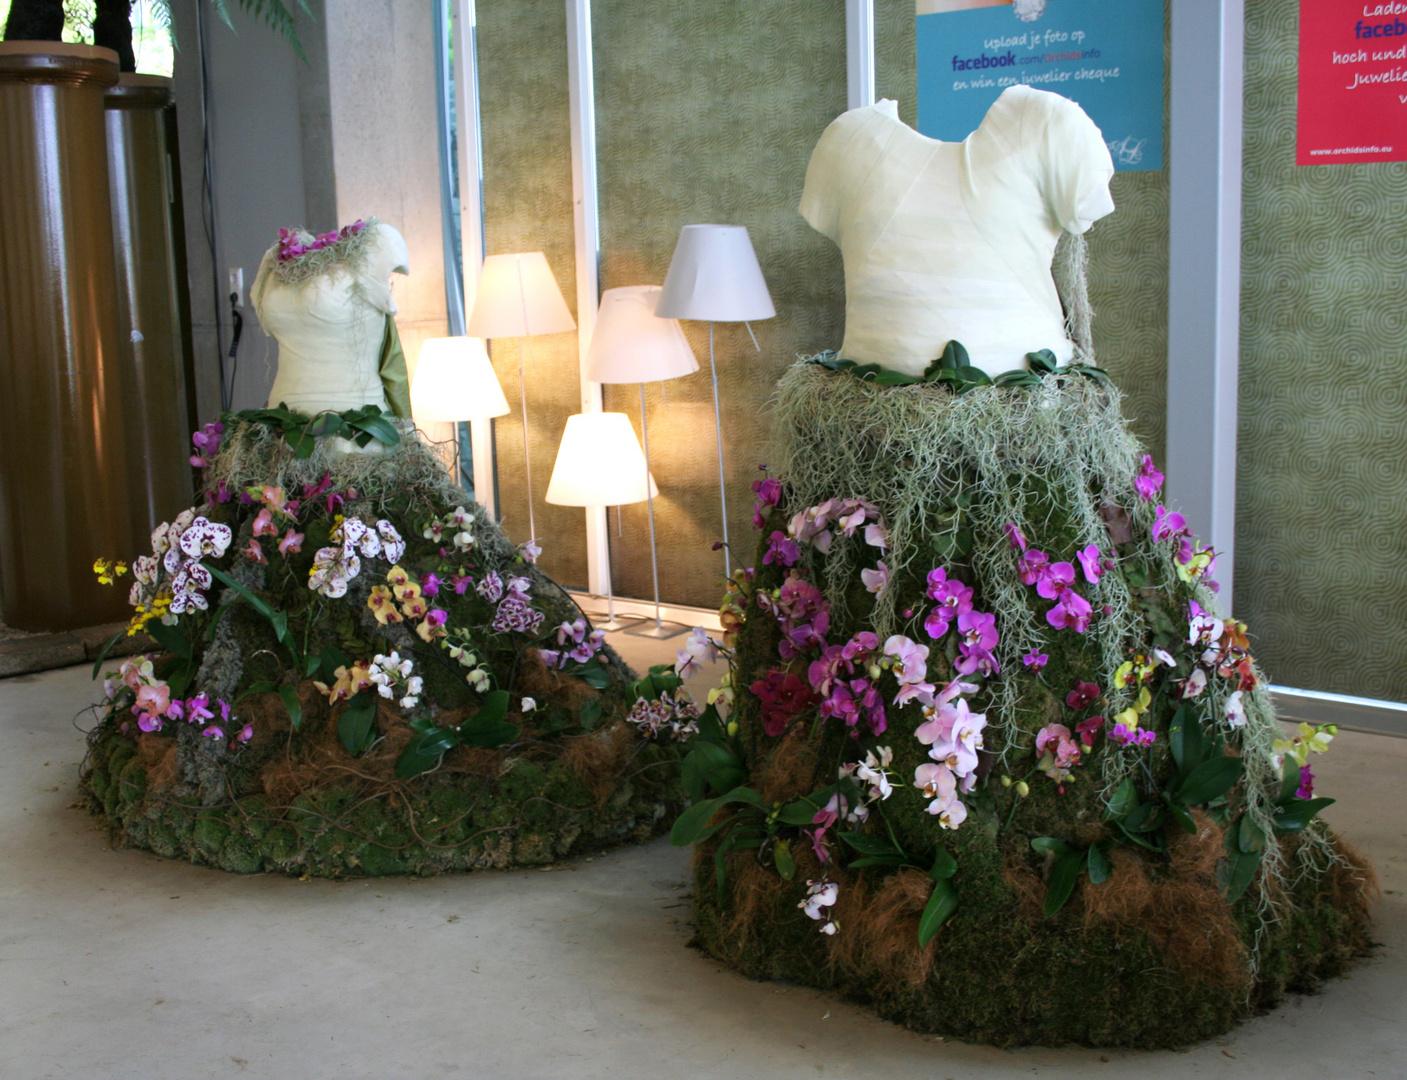 Floriade 2012 - Brautkleider ?